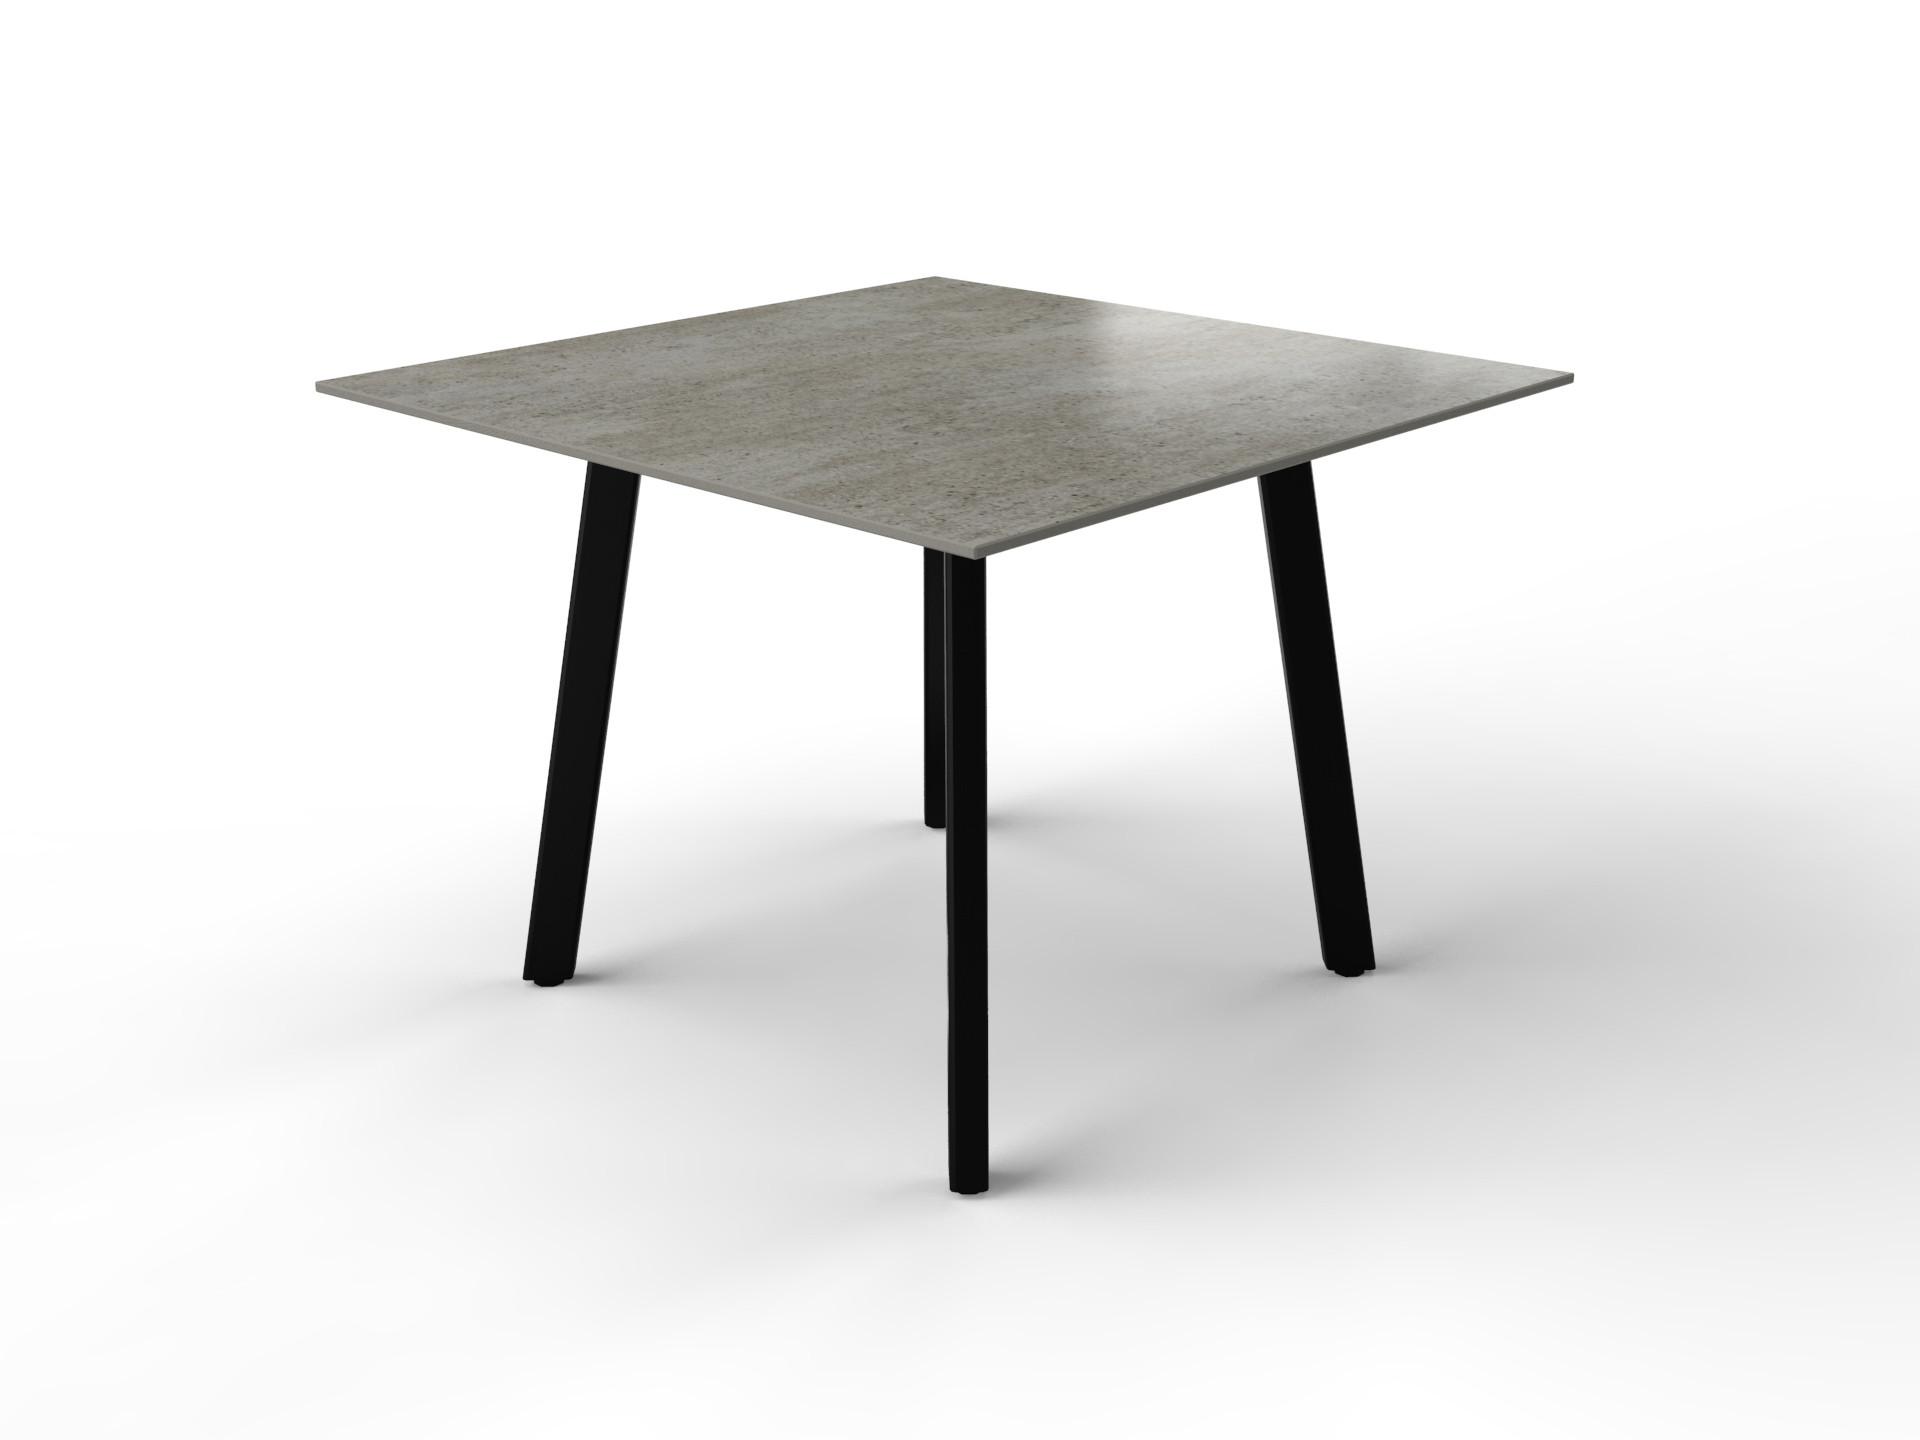 Vierkante betonlook eettafel met zwart gecoat stalen tafelonderstel